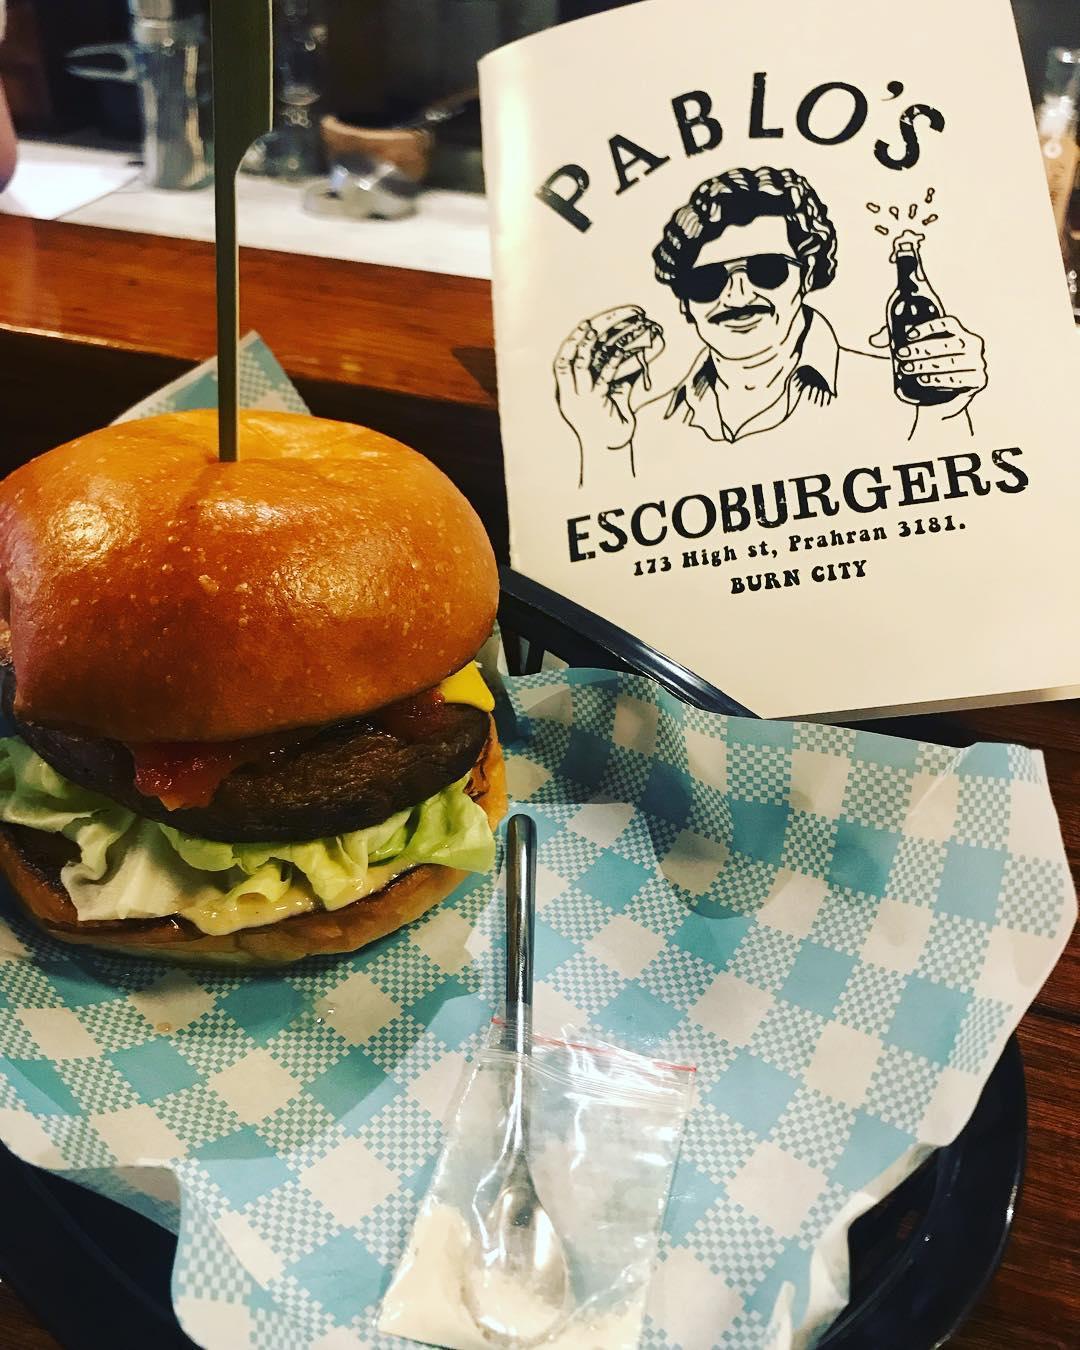 pablo escoburger